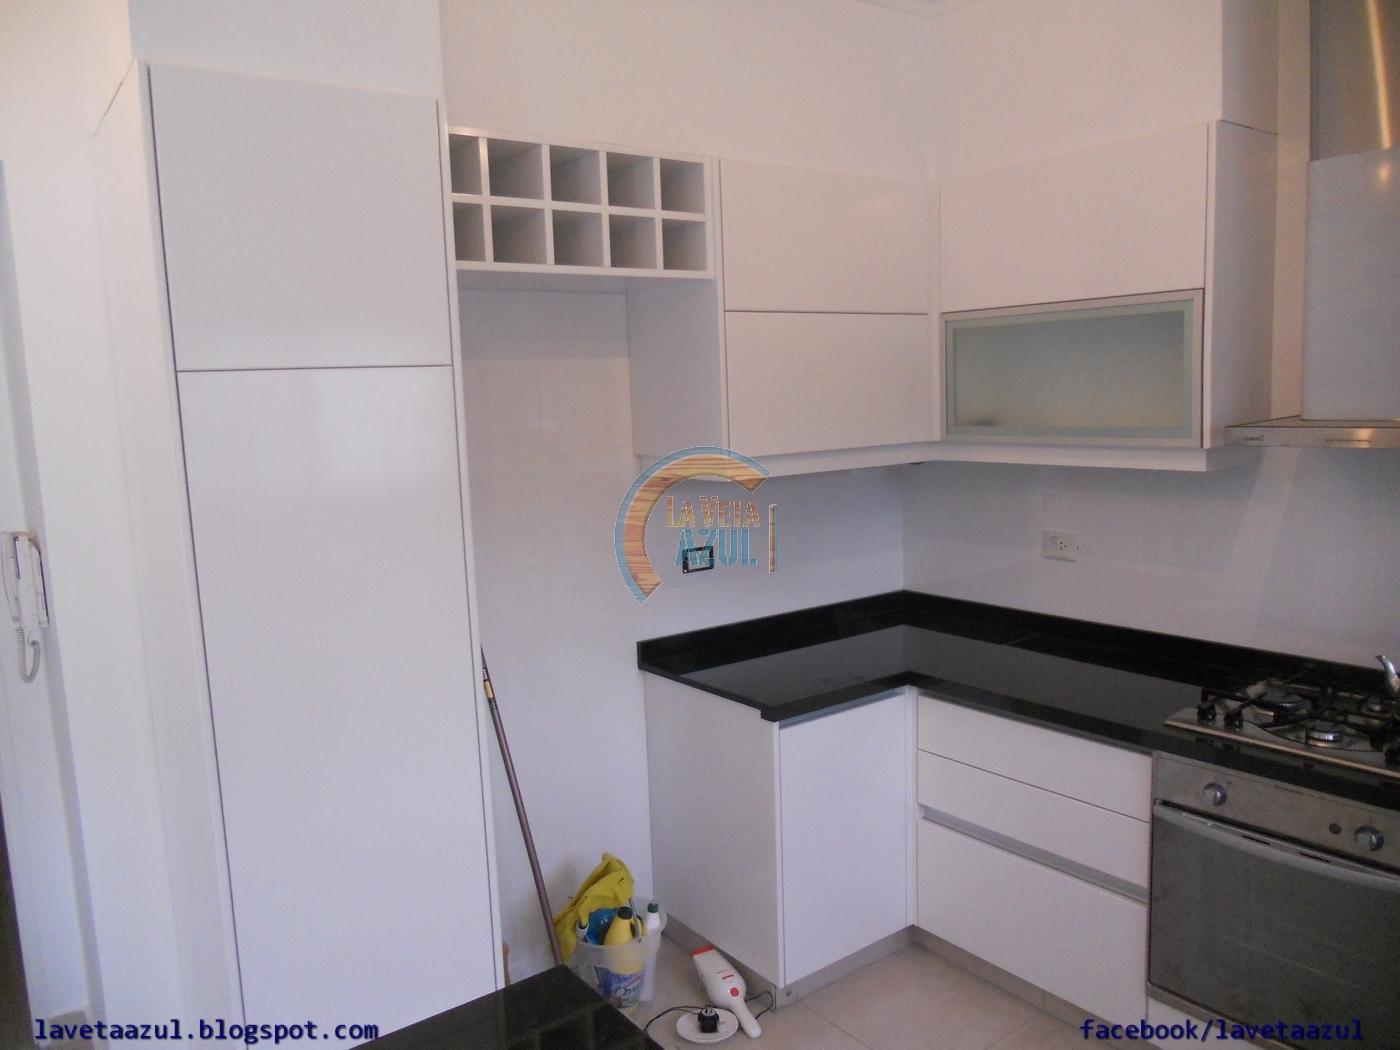 La veta azul mueble cocina en laca blanca semi mate - Cocina blanca mate ...